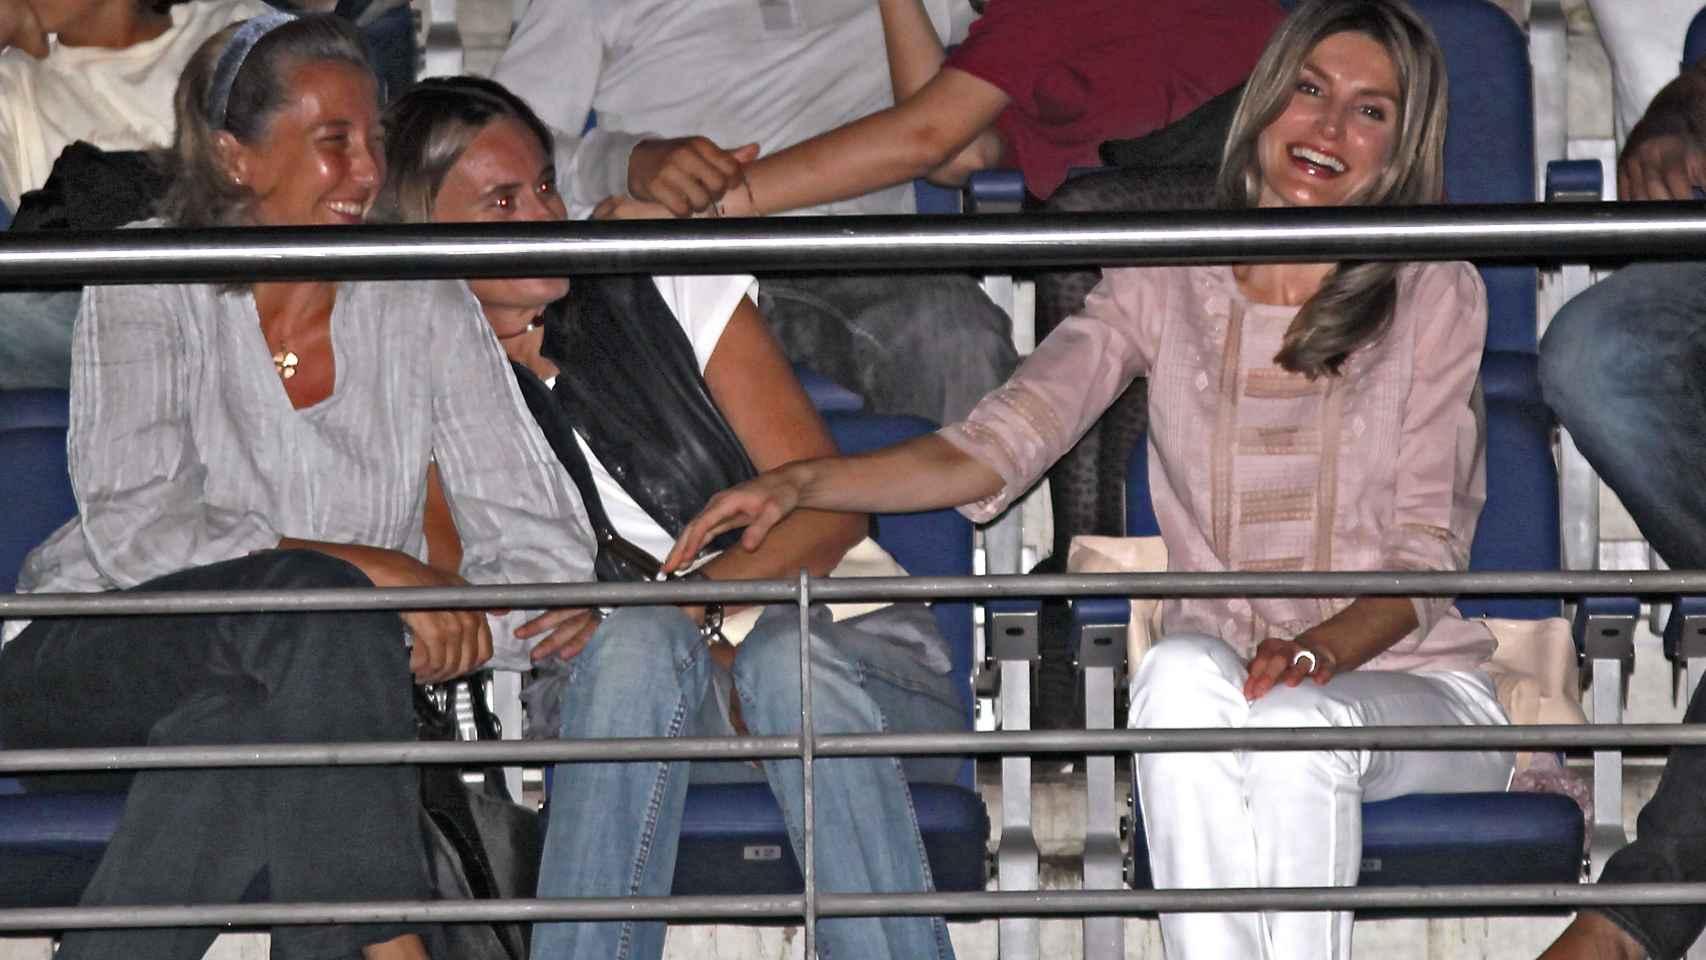 Las escapadas de la Reina para asistir a conciertos o cenar con amigos son muy criticadas